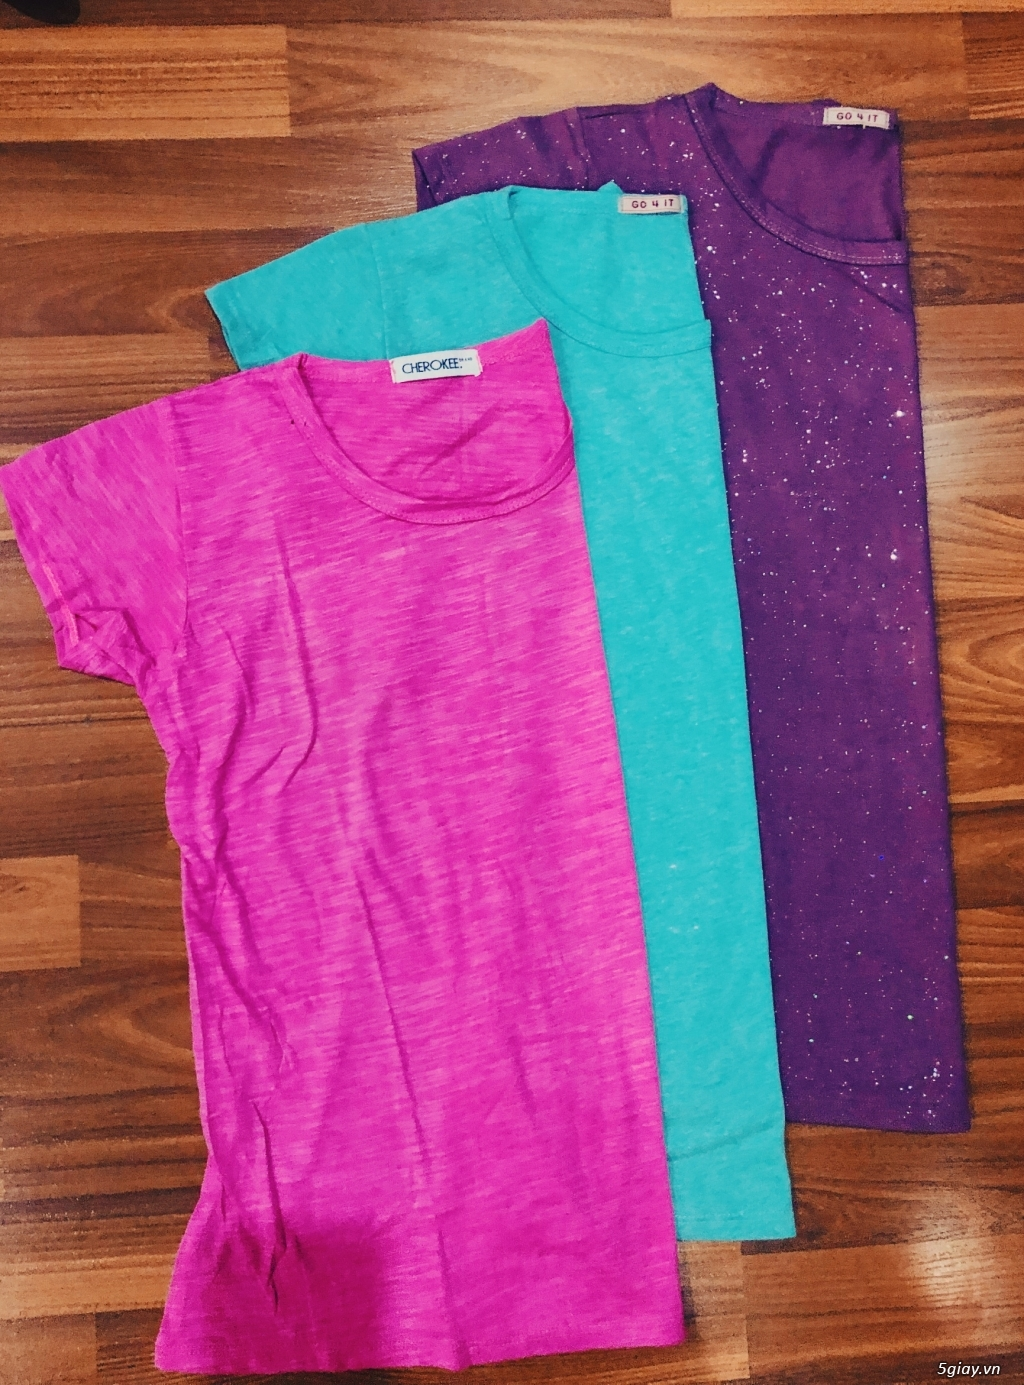 Hàng mới về thêm đây áo thun sỉ rẻ đẹp giá tận kho tại quận 8 - 4